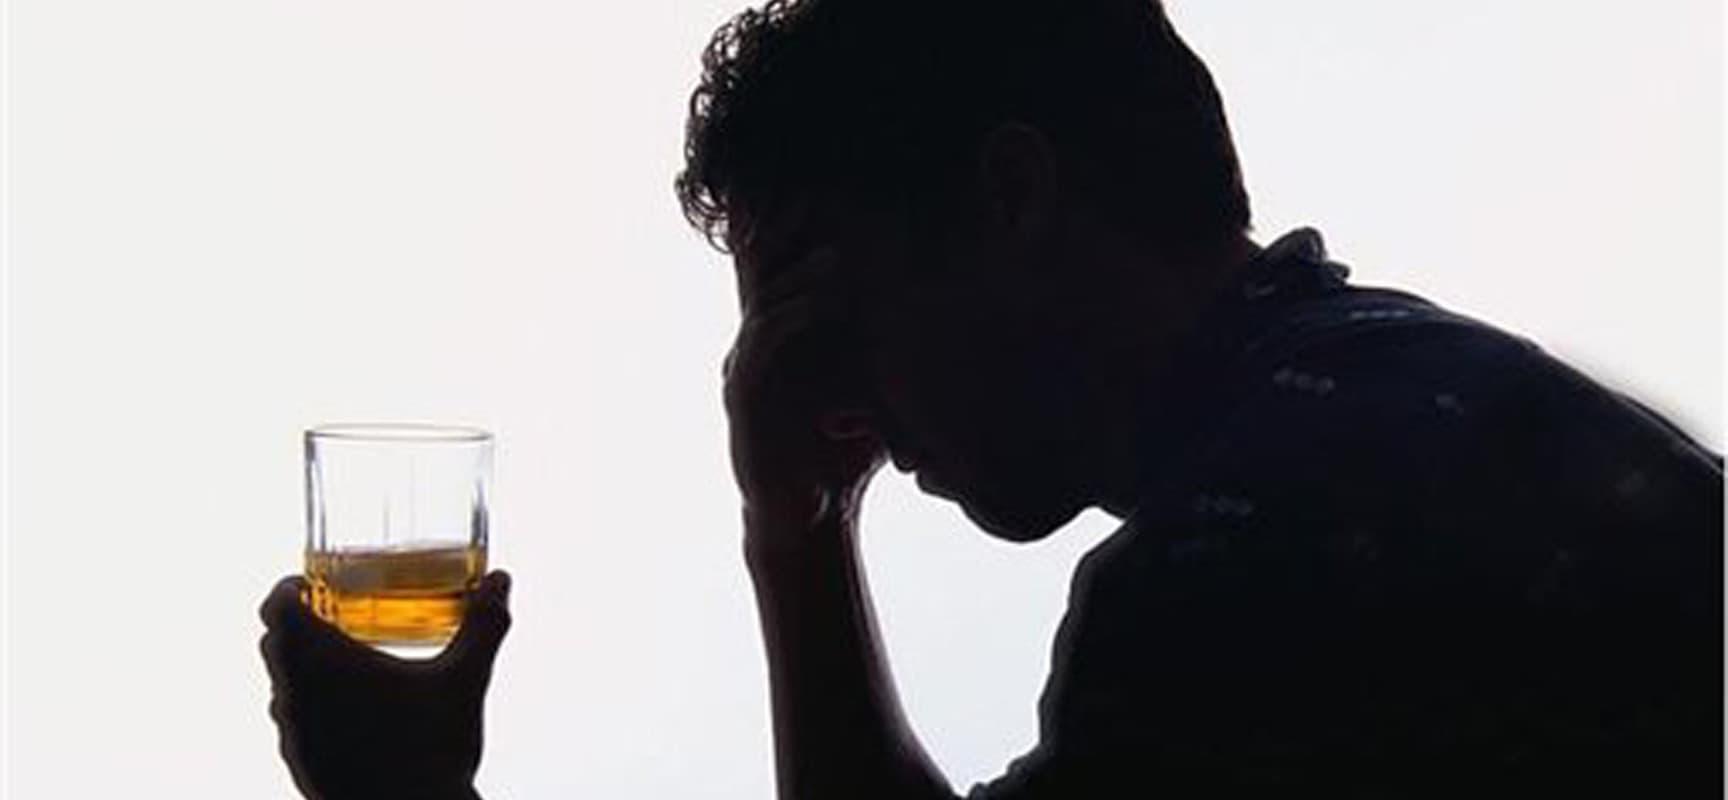 Чрезмерное и бесконтрольное употребление спиртного